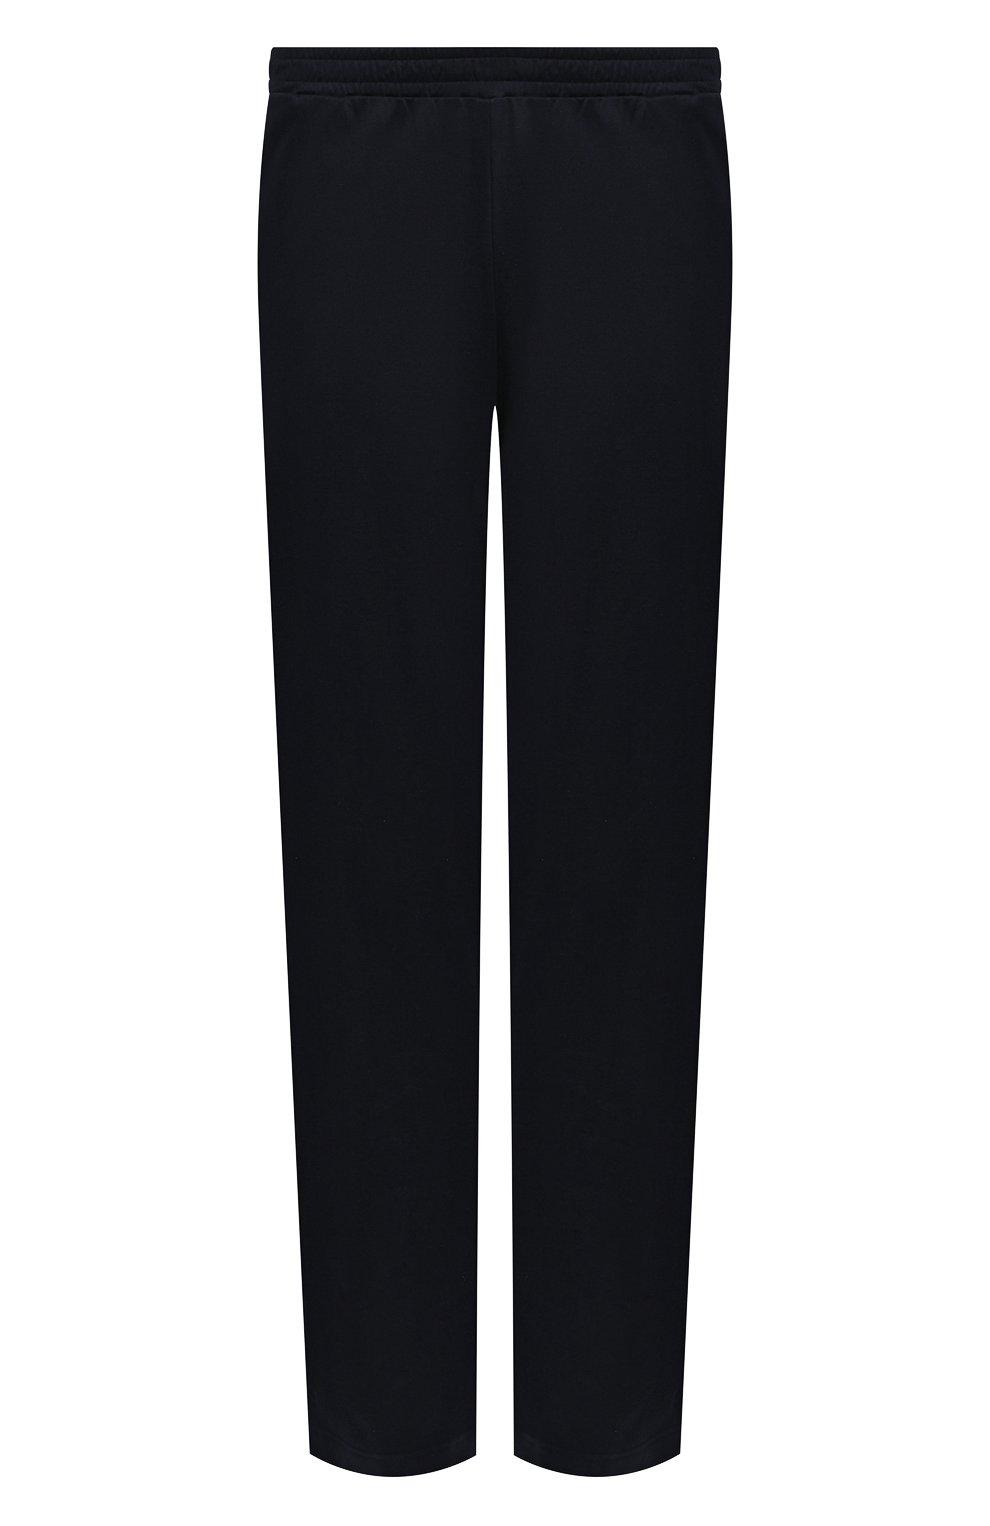 Мужские хлопковые домашние брюки ZIMMERLI темно-синего цвета, арт. 3460-95304 | Фото 1 (Длина (брюки, джинсы): Стандартные; Кросс-КТ: домашняя одежда; Мужское Кросс-КТ: Брюки-белье; Материал внешний: Хлопок)